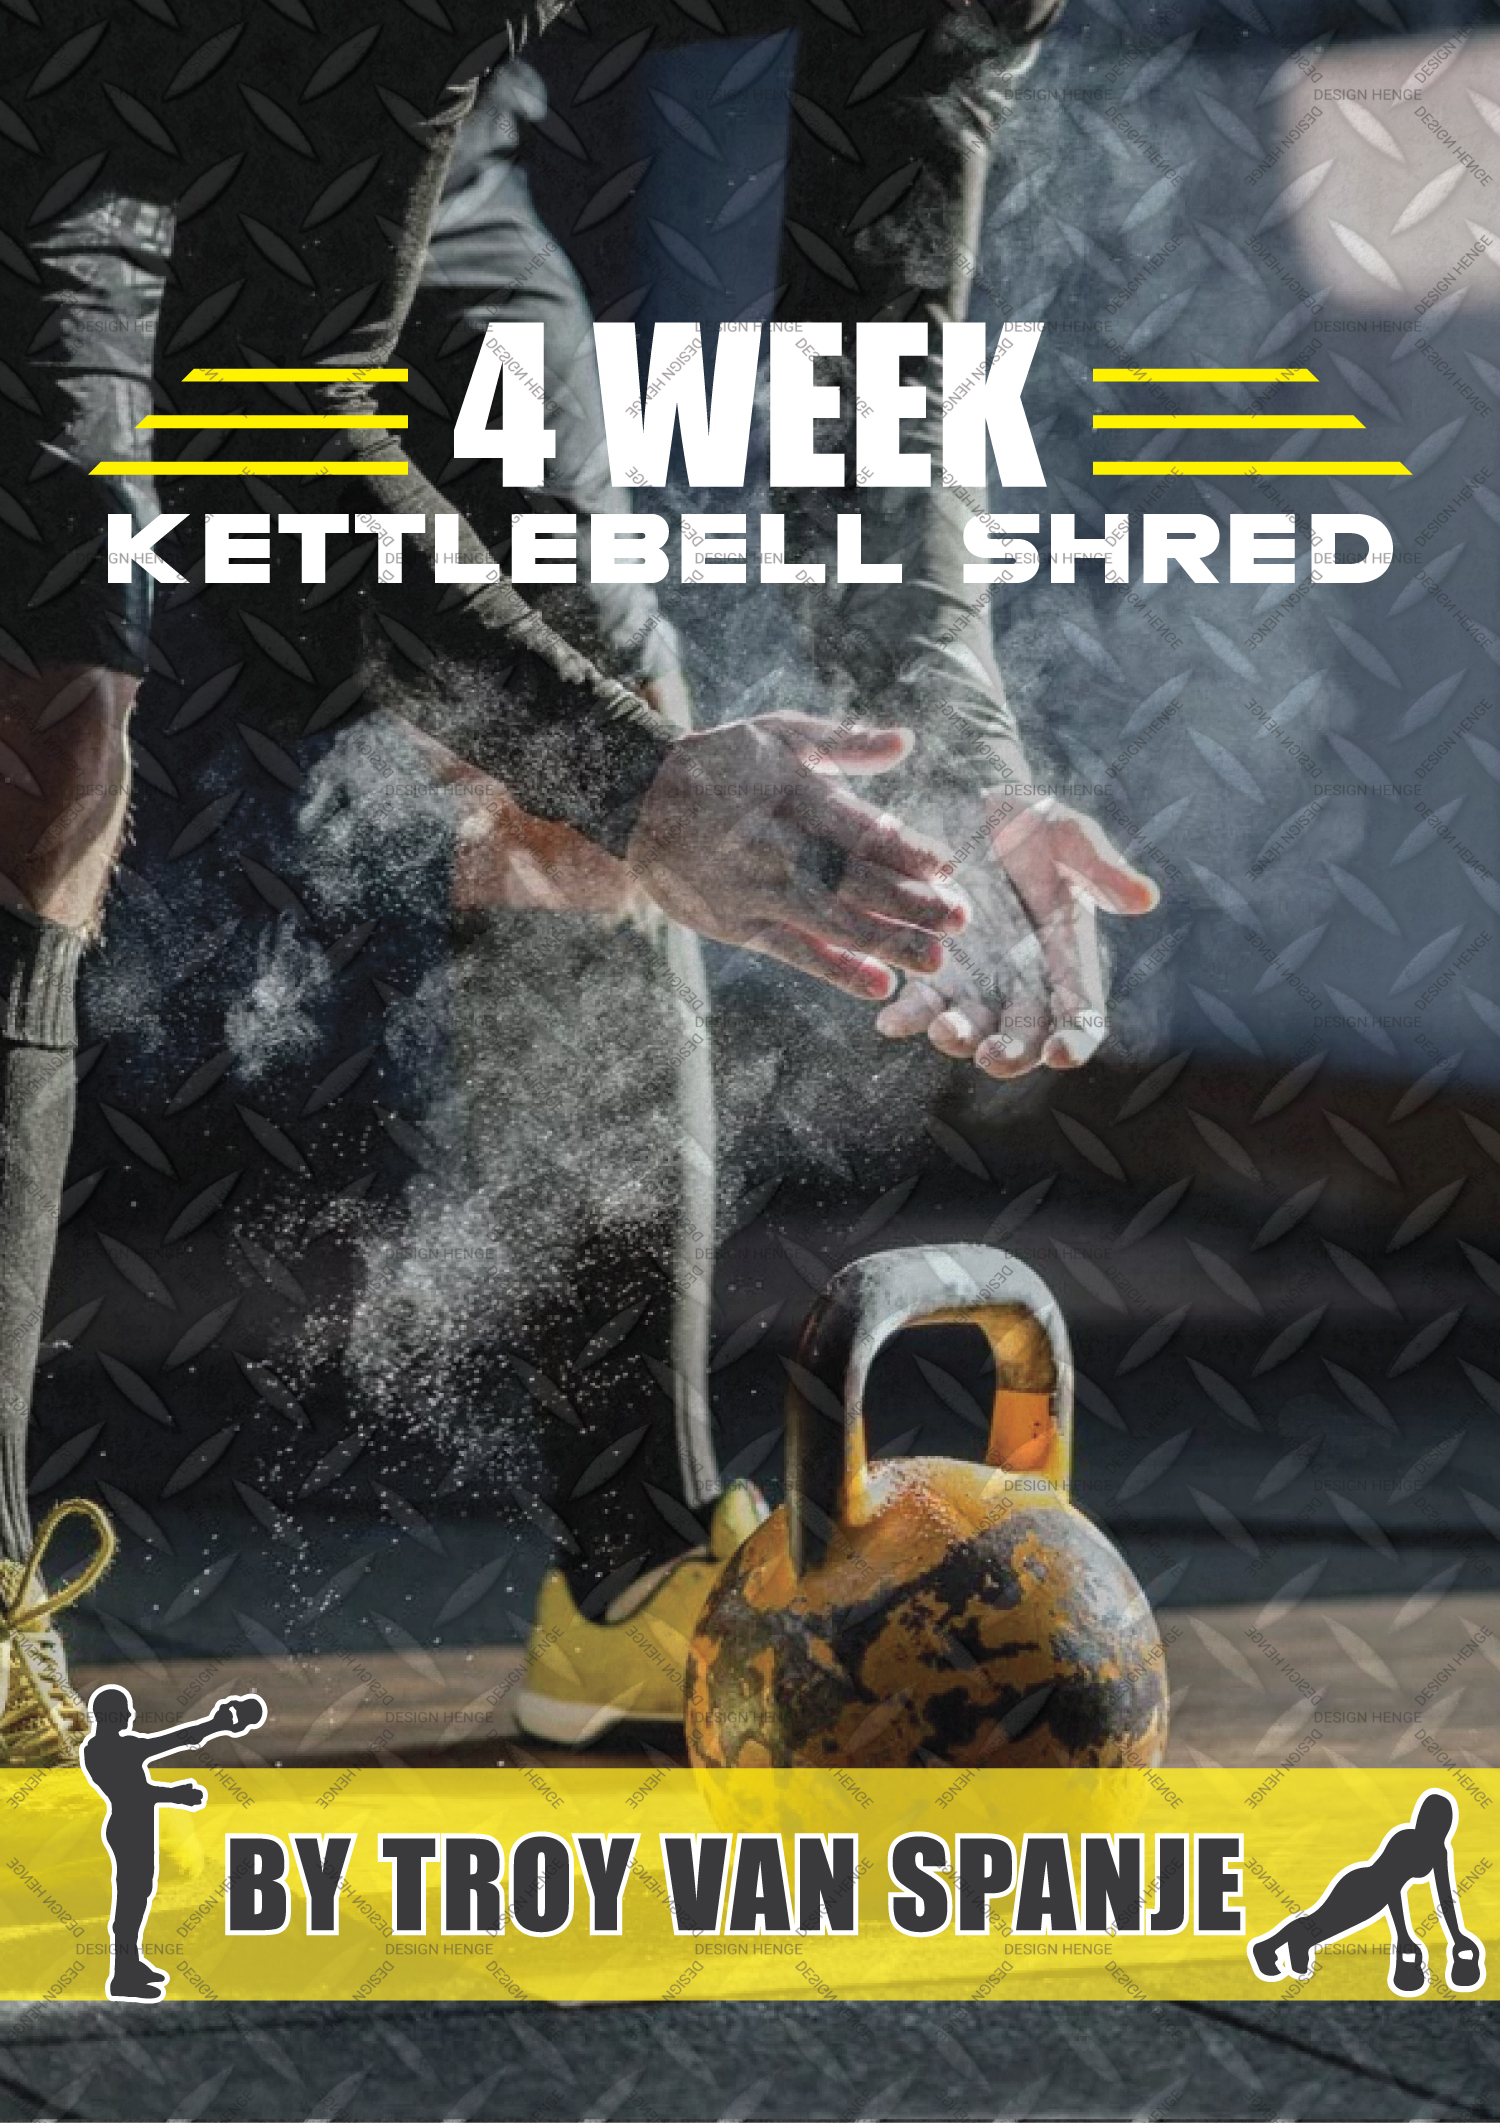 TROY VAN SPANJE - Kettlebell Shred Program